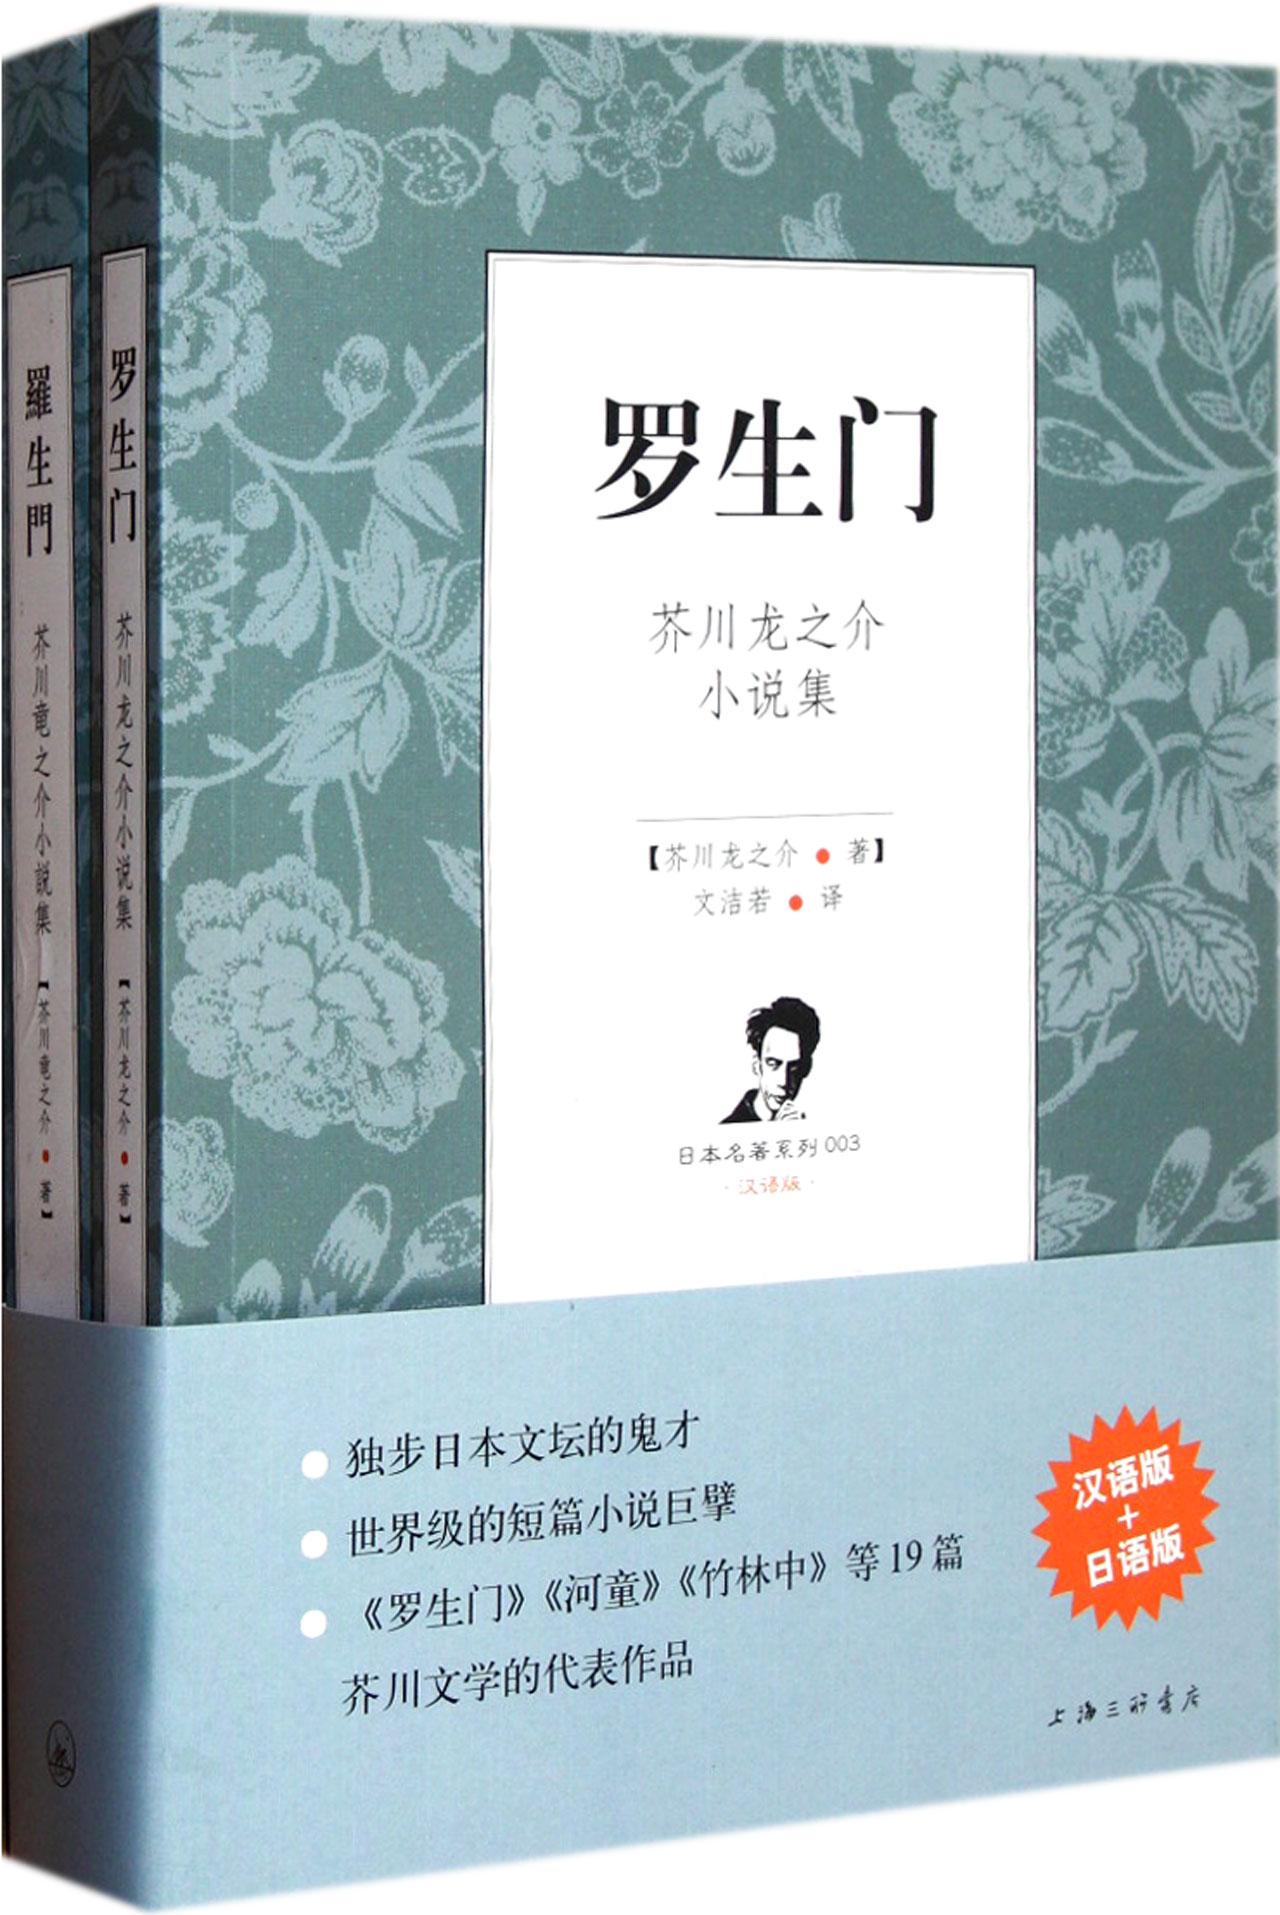 罗生门芥川龙之介小说集共2册 日本名著系列